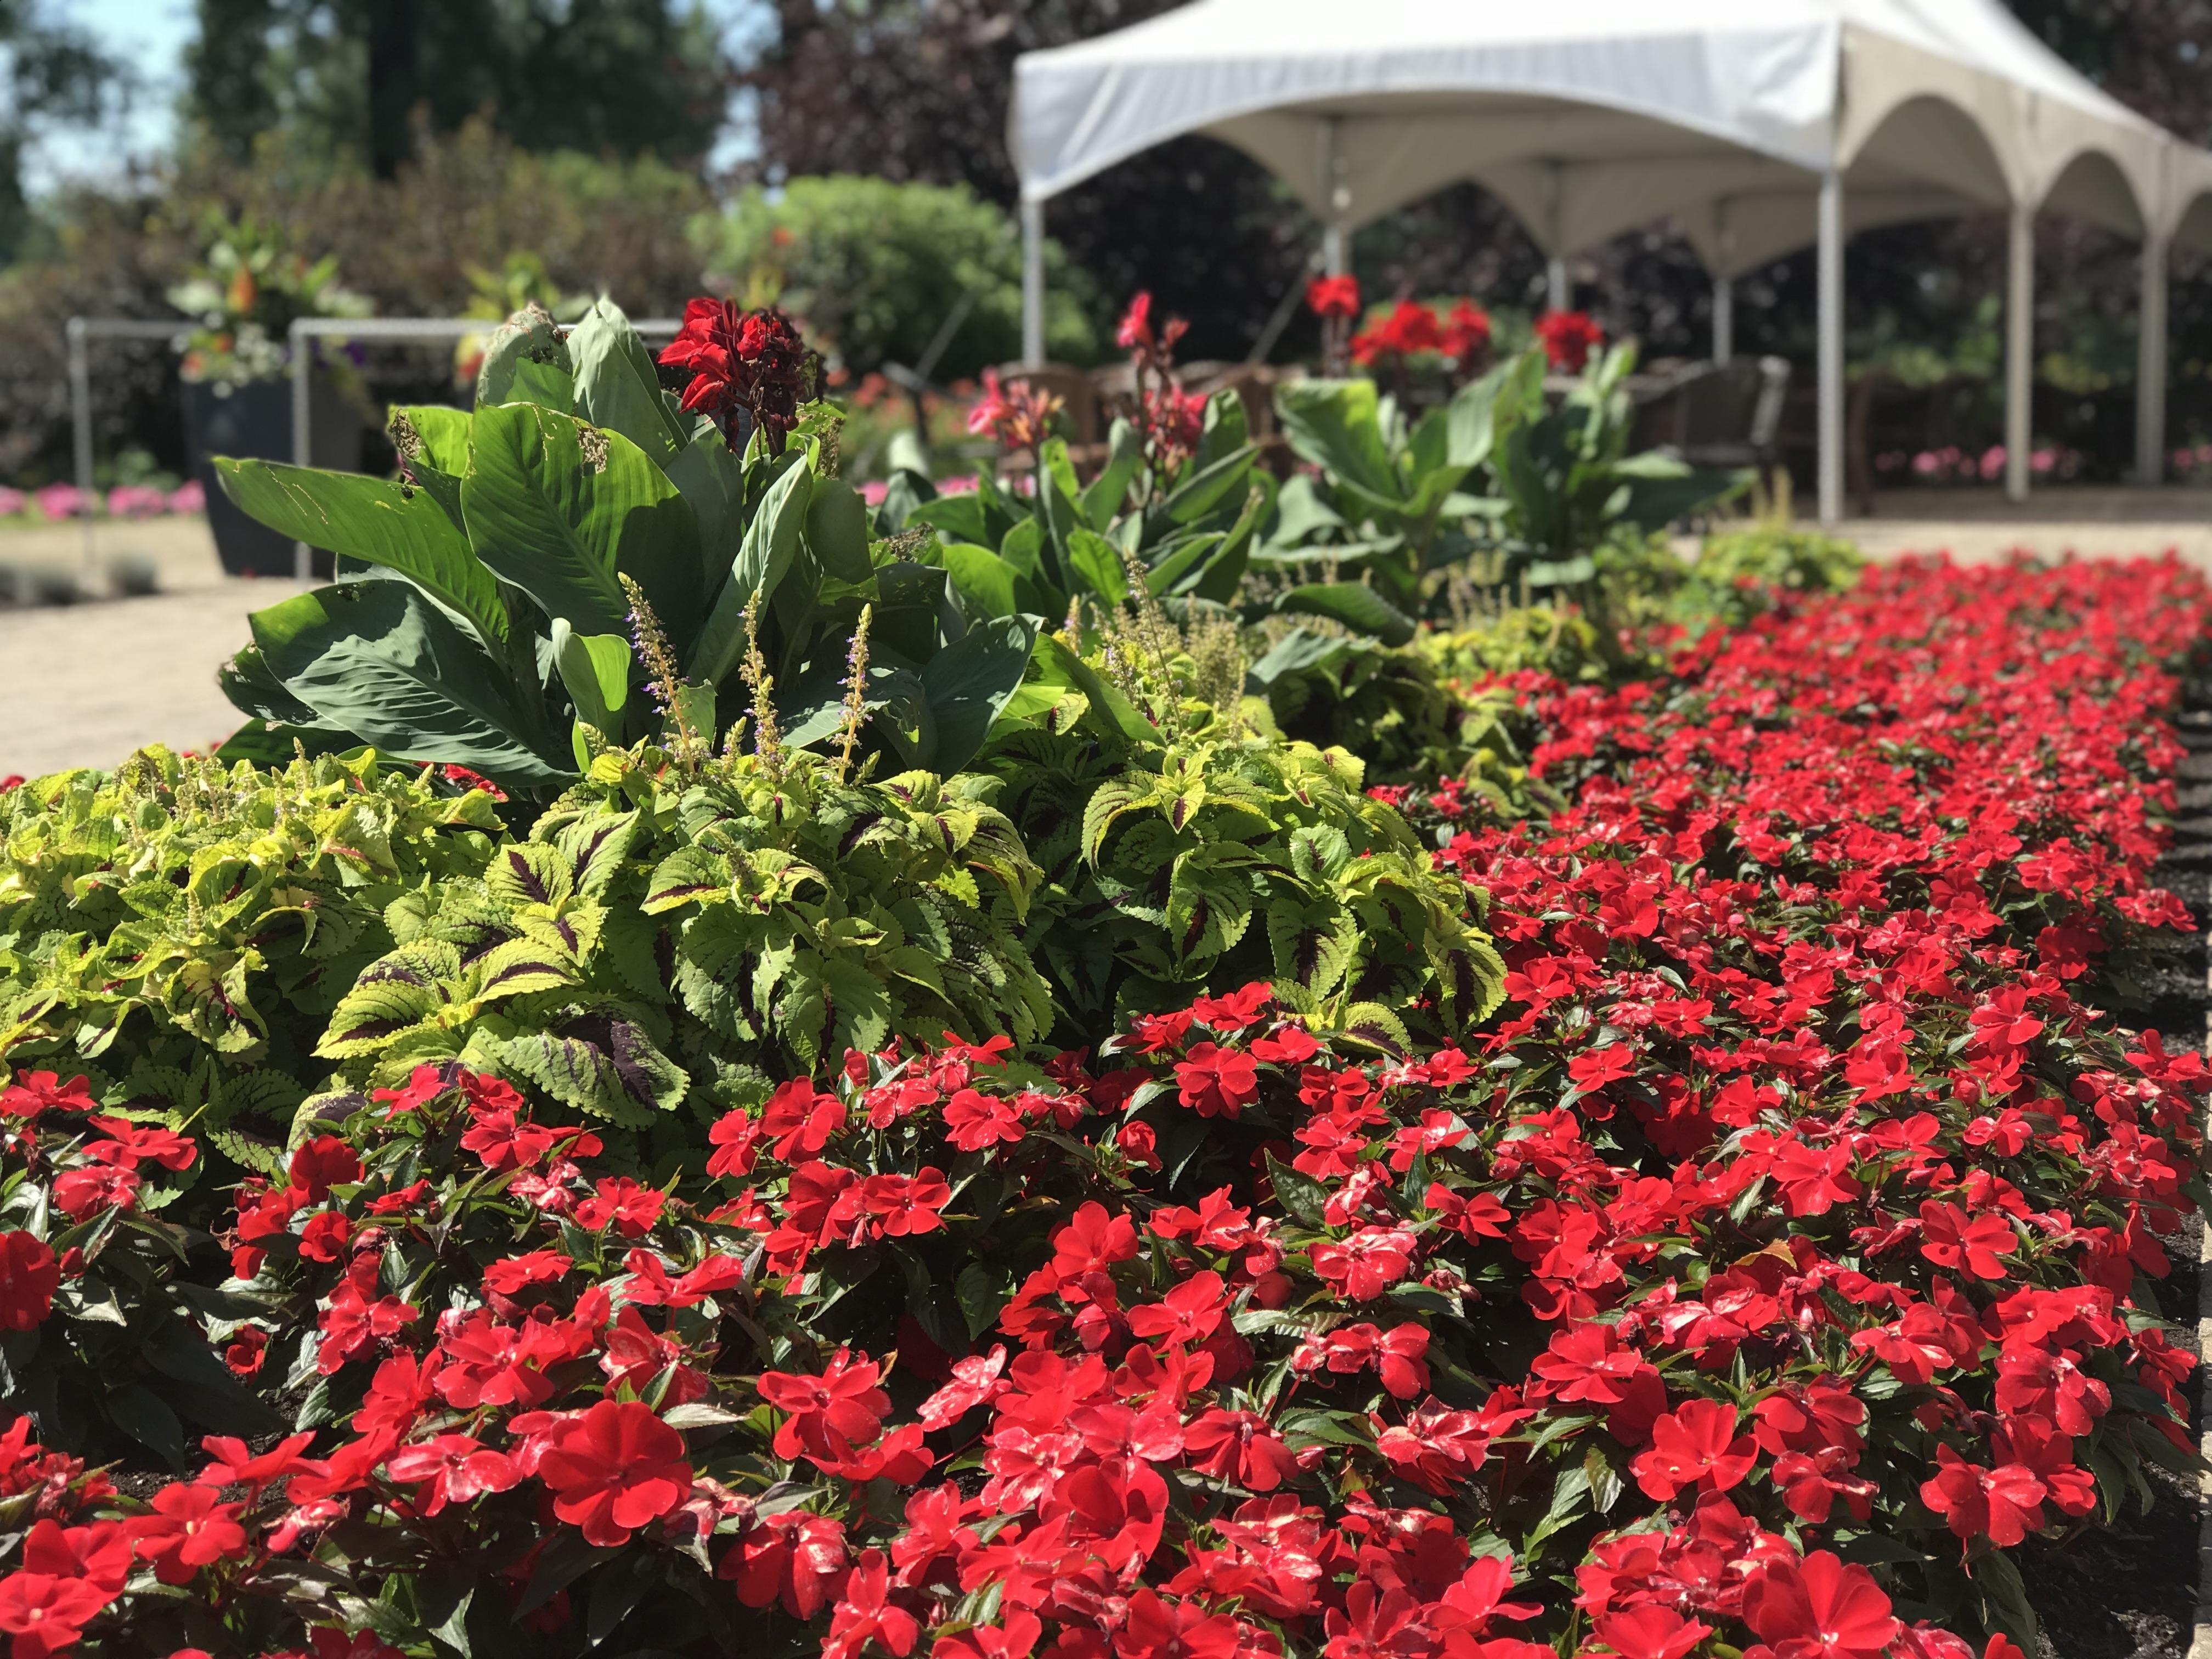 Fleurs rouges aménagées